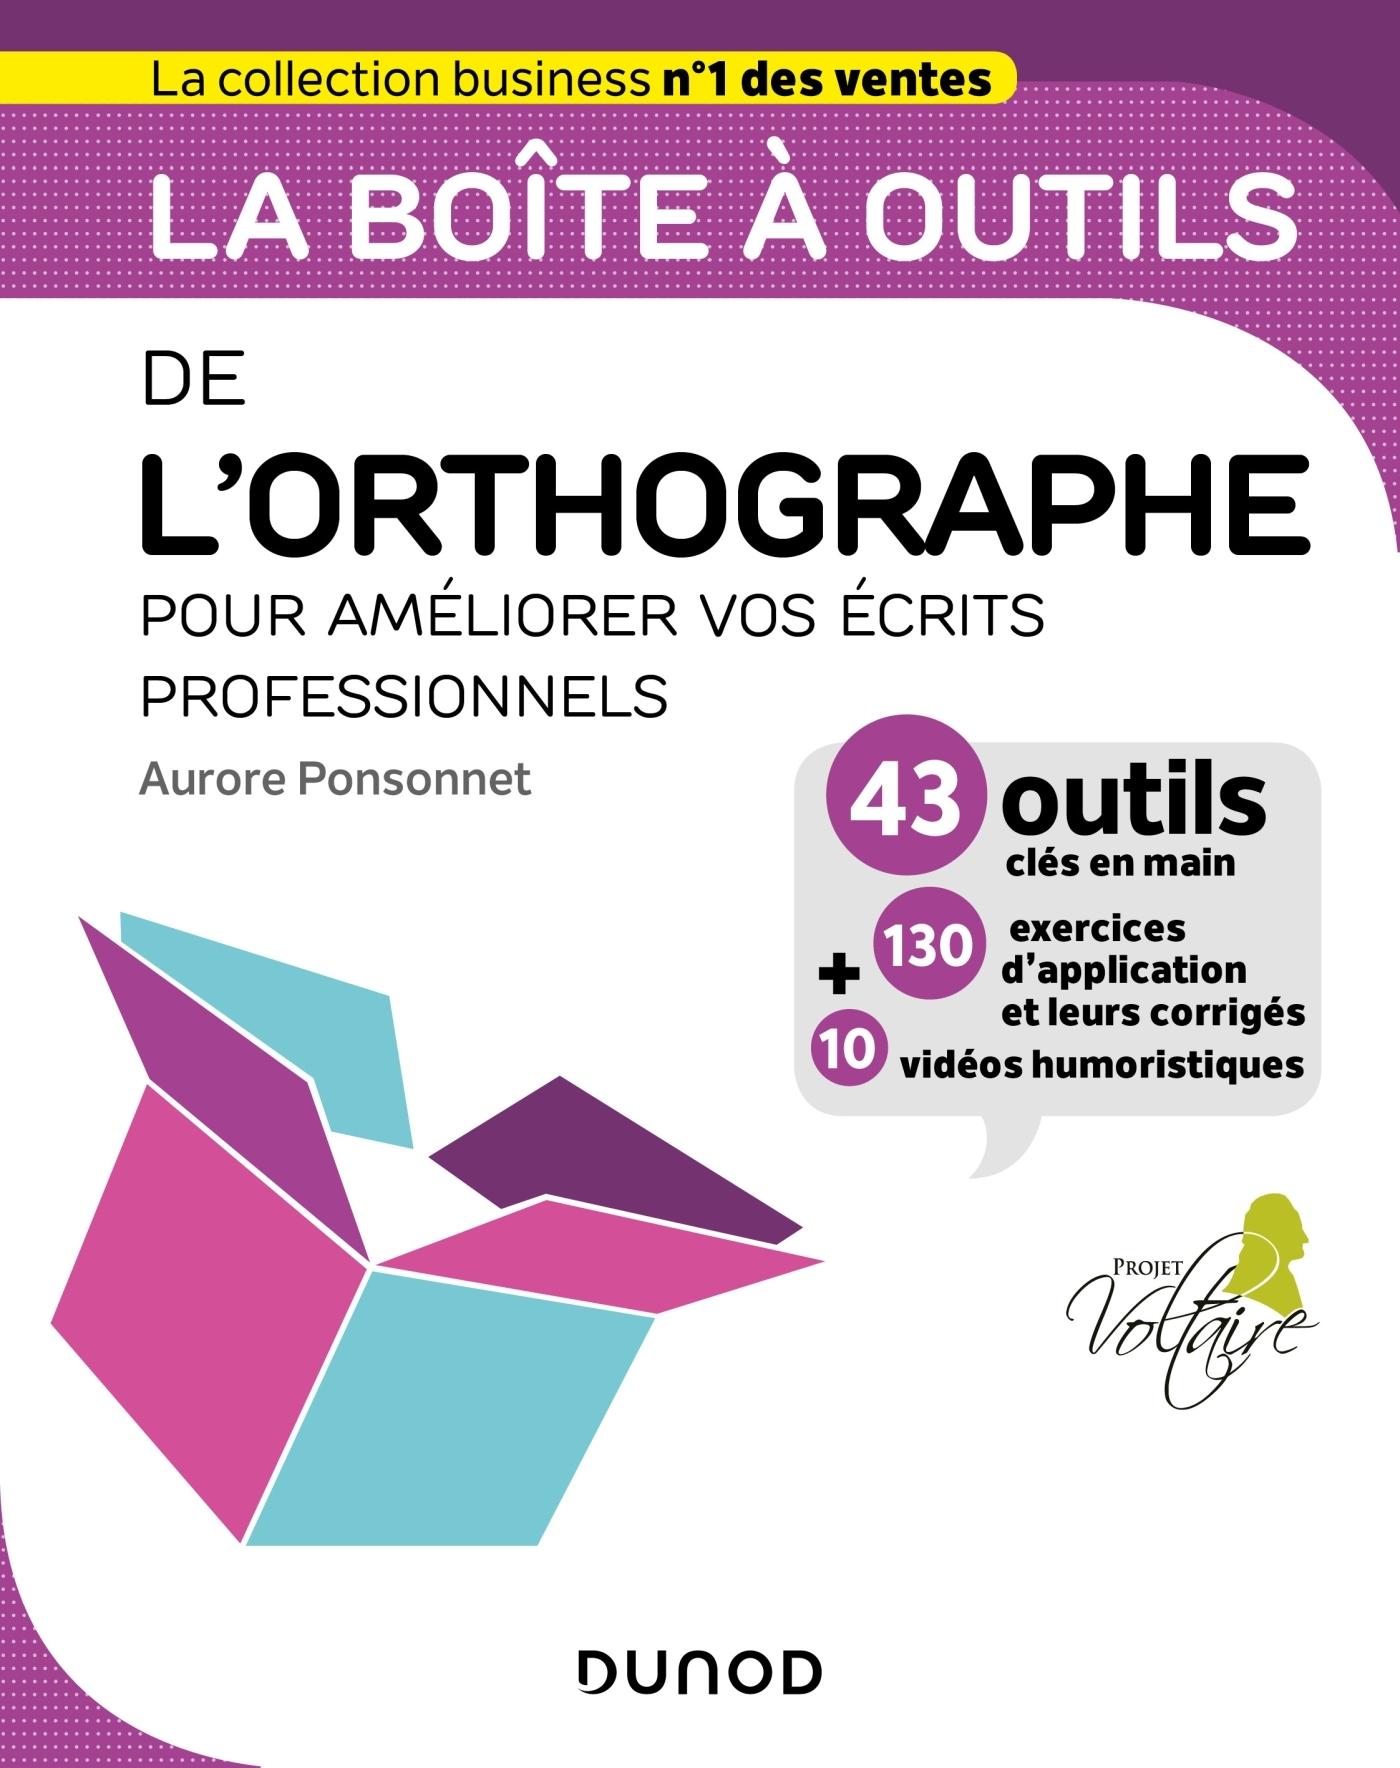 LA BOITE A OUTILS DE L'ORTHOGRAPHE - POUR AMELIORER VOS ECRITS PROFESSIONNELS